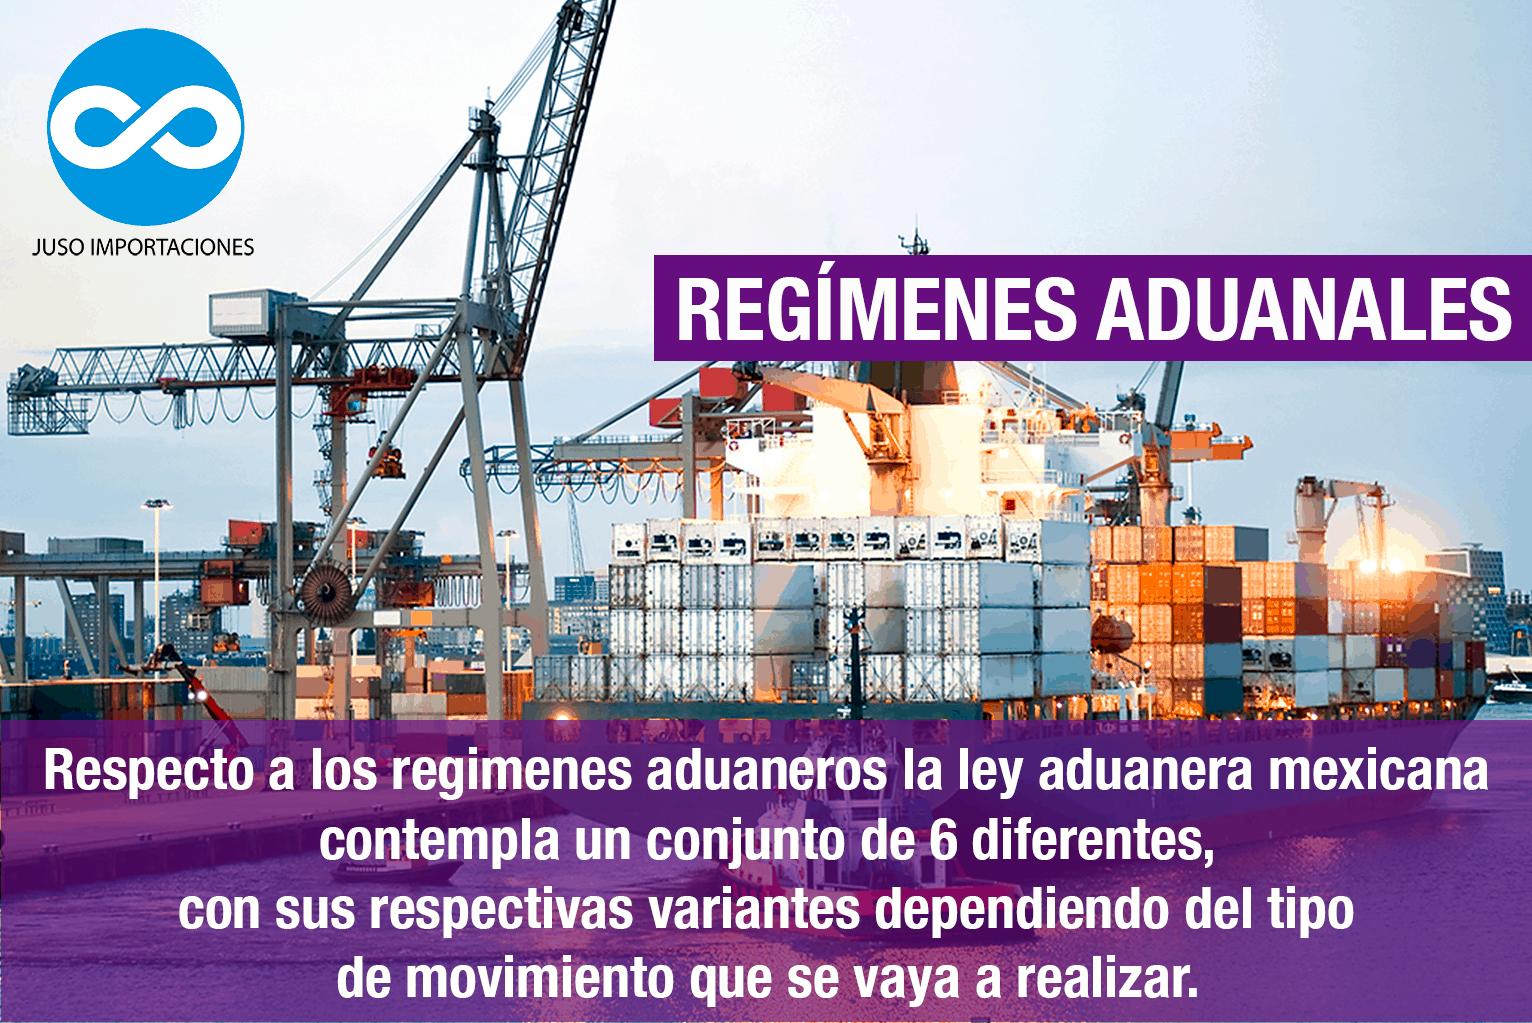 Agencia Aduanal Juso regímenes aduanales